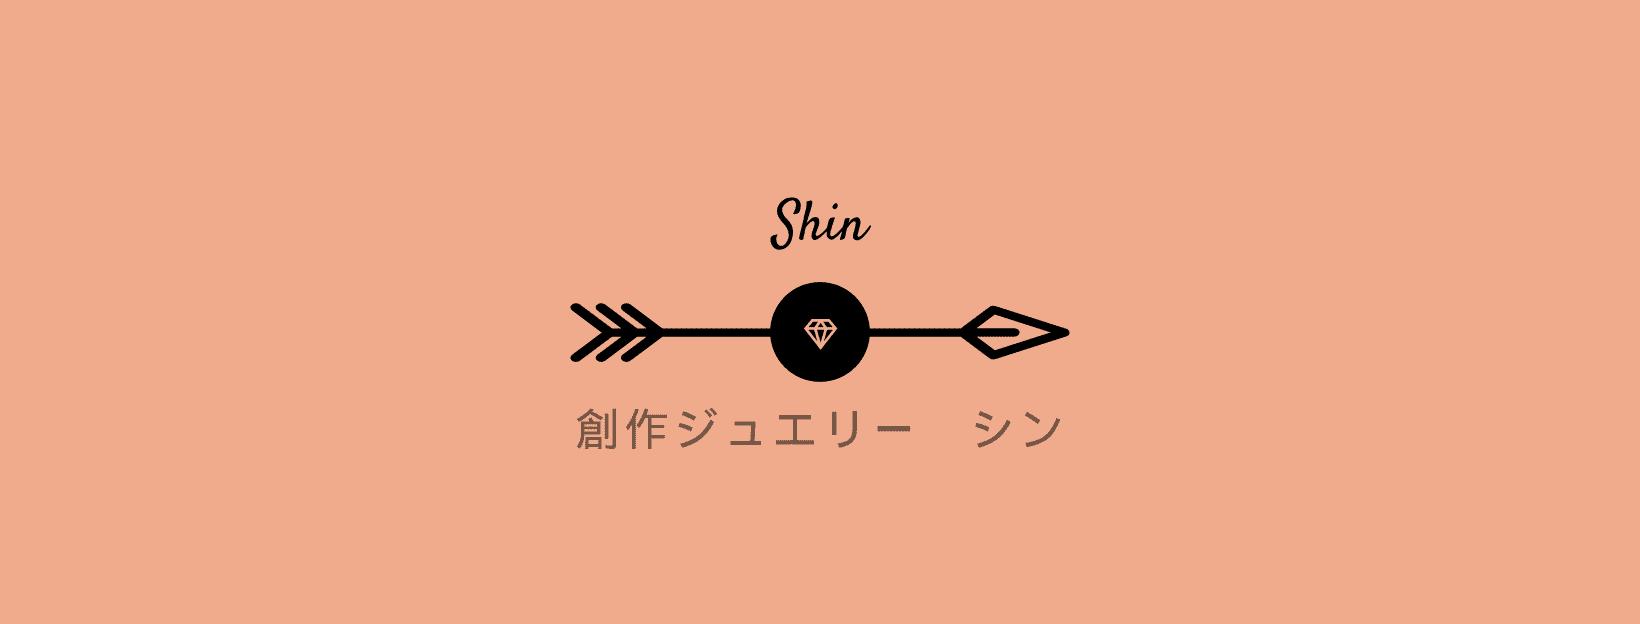 創作ジュエリー専門店 Shin(シン)~ハンドメイドの大人可愛いアクセサリーをお探しなら~